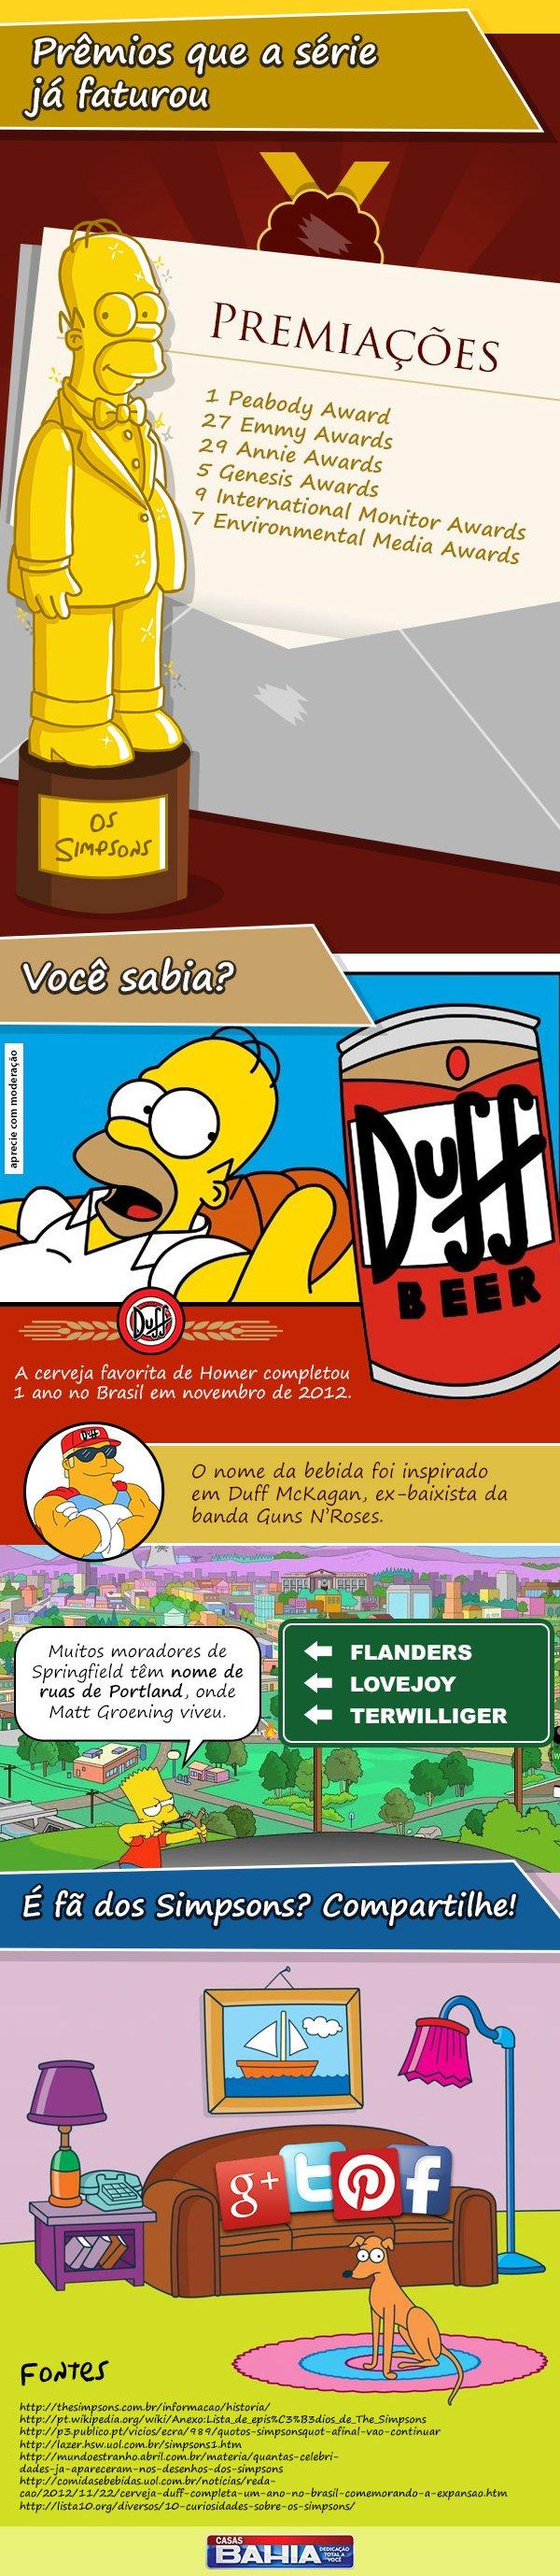 Os Simpsons Como tudo começou 031